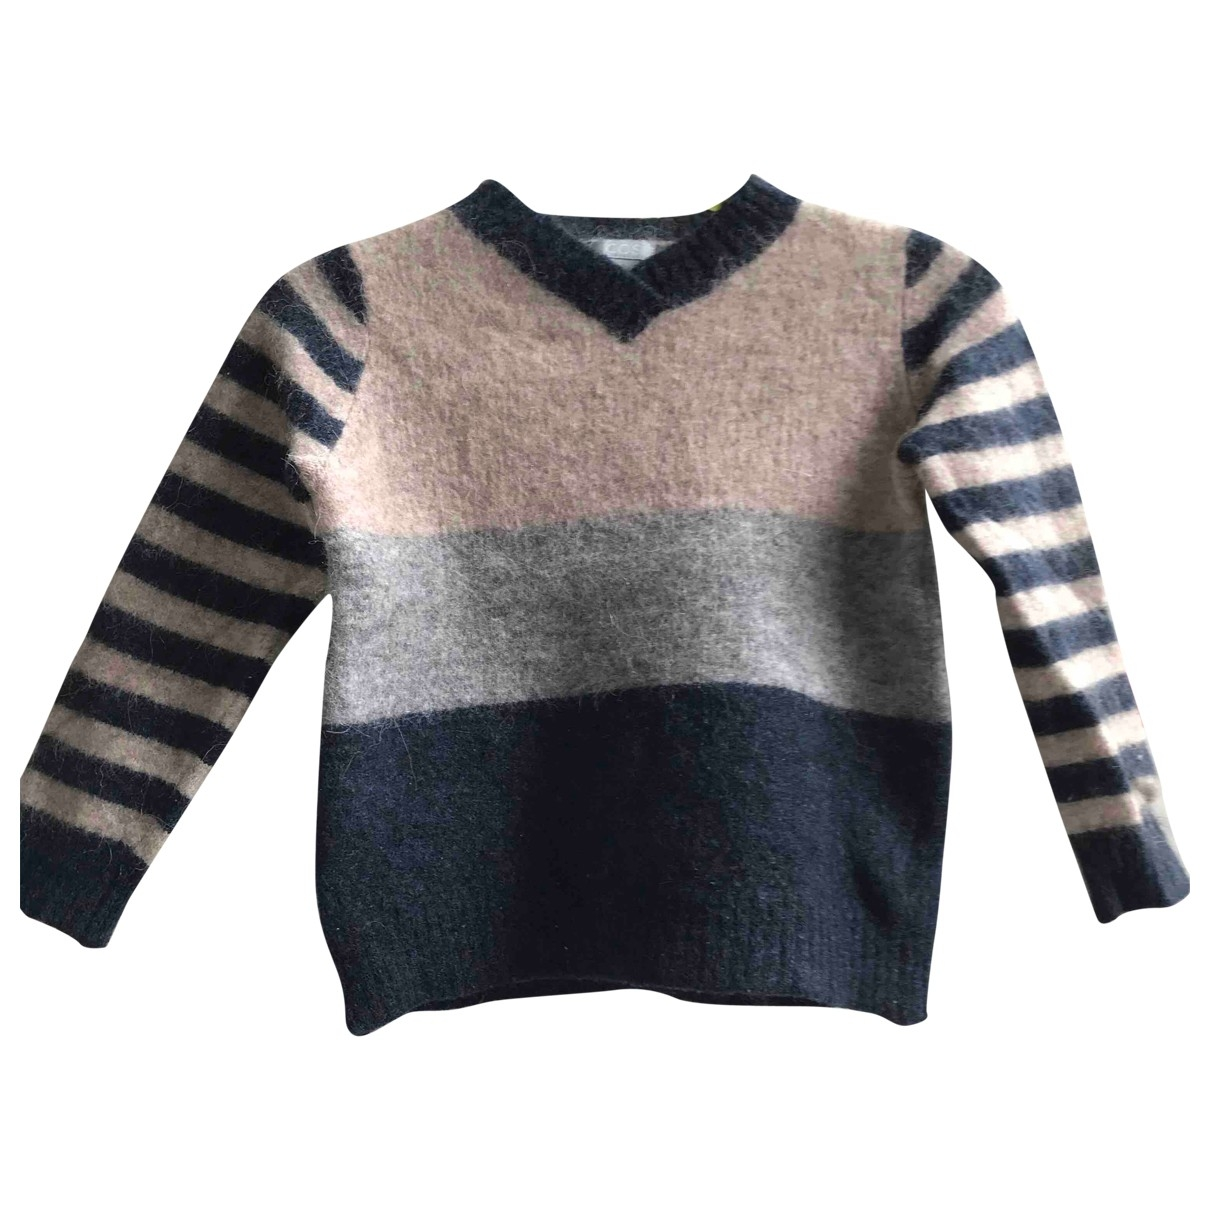 Cos \N Pullover, StrickJacke in  Blau Wolle